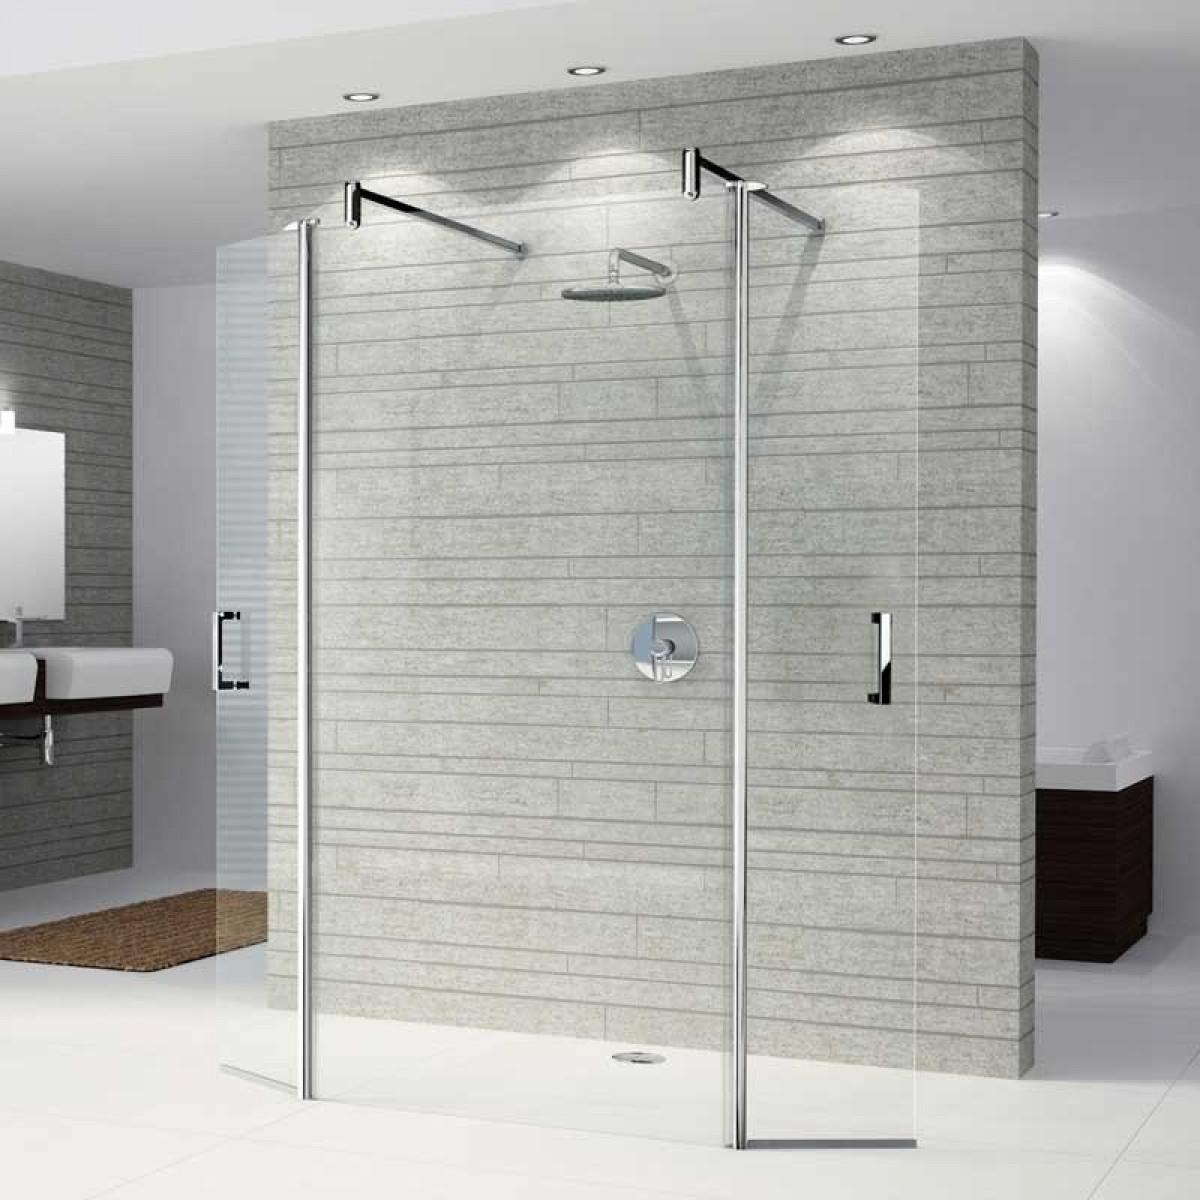 Novellini Go 4 Free Standing Walk in Shower Panels -